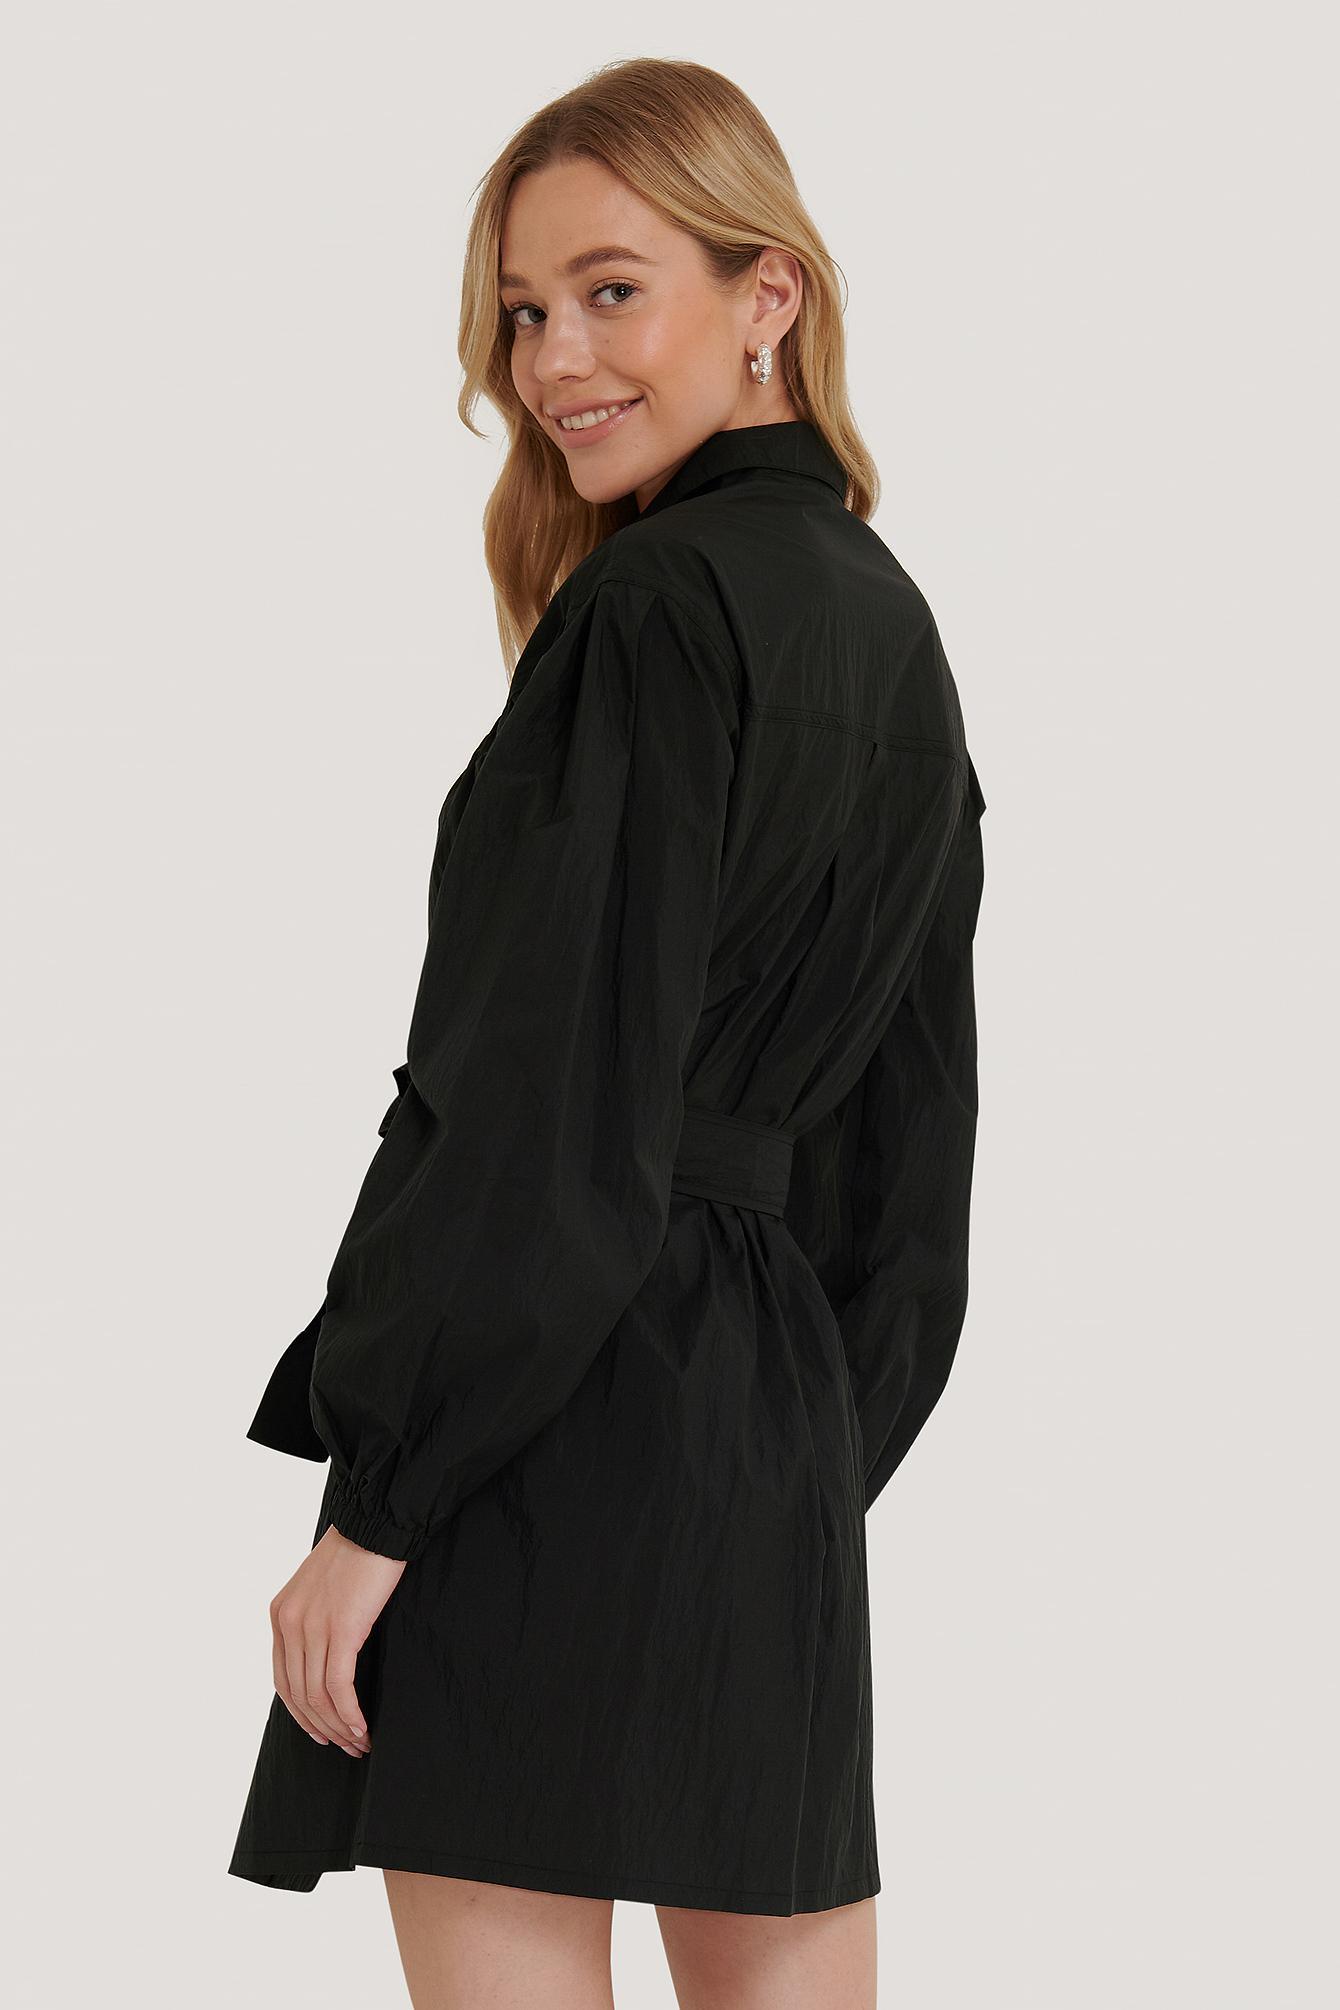 NA-KD Sporty kjole, black, 34